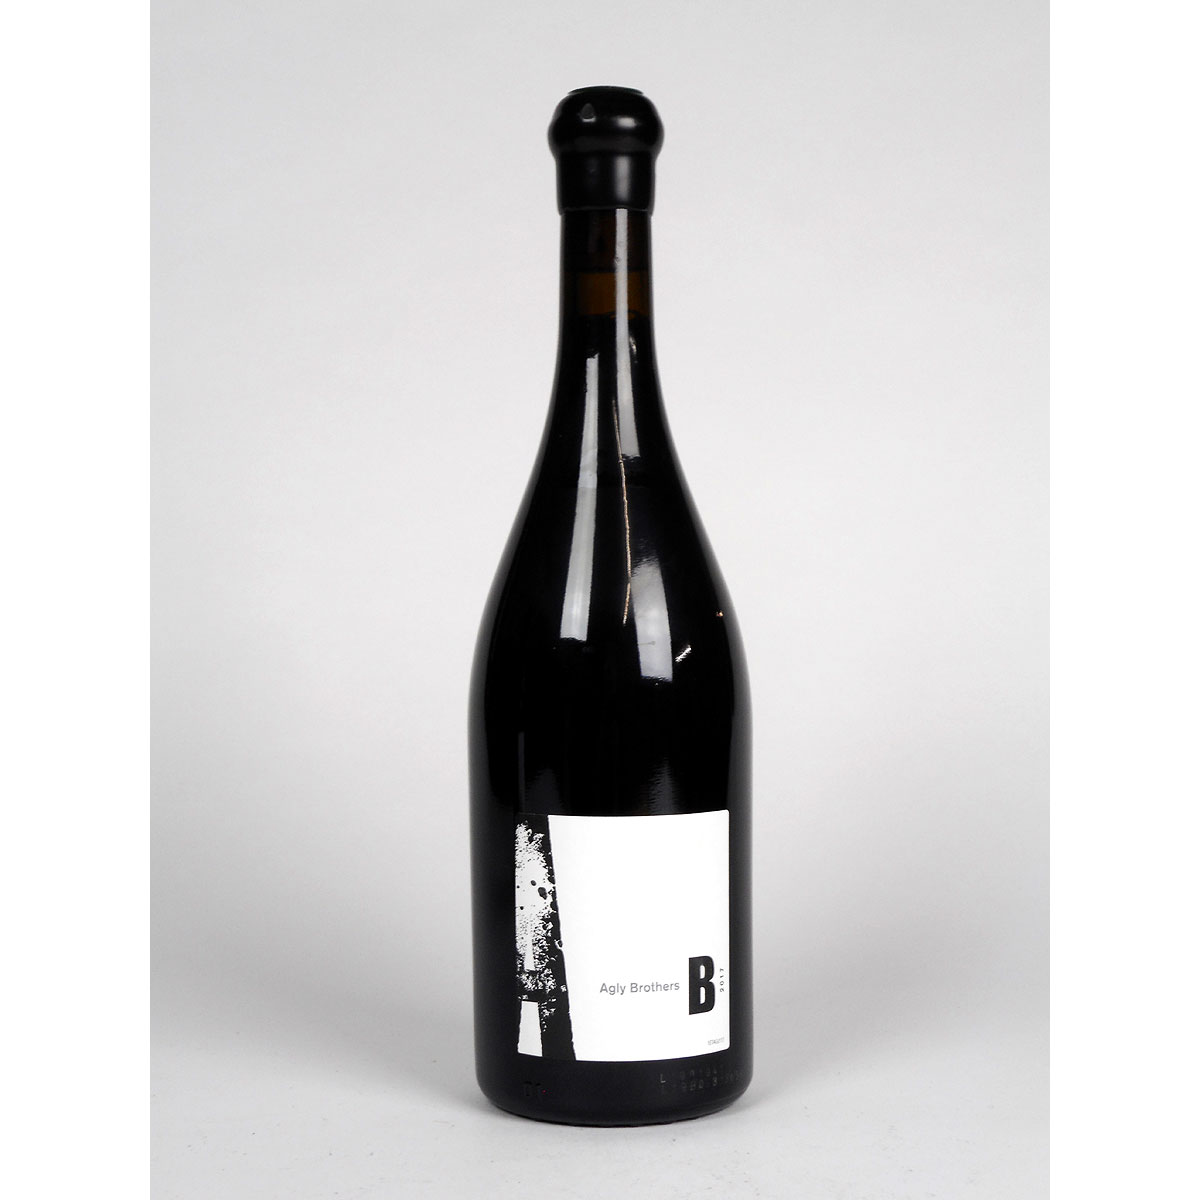 Côtes du Roussillon: Agly Brothers 2017 - Bottle